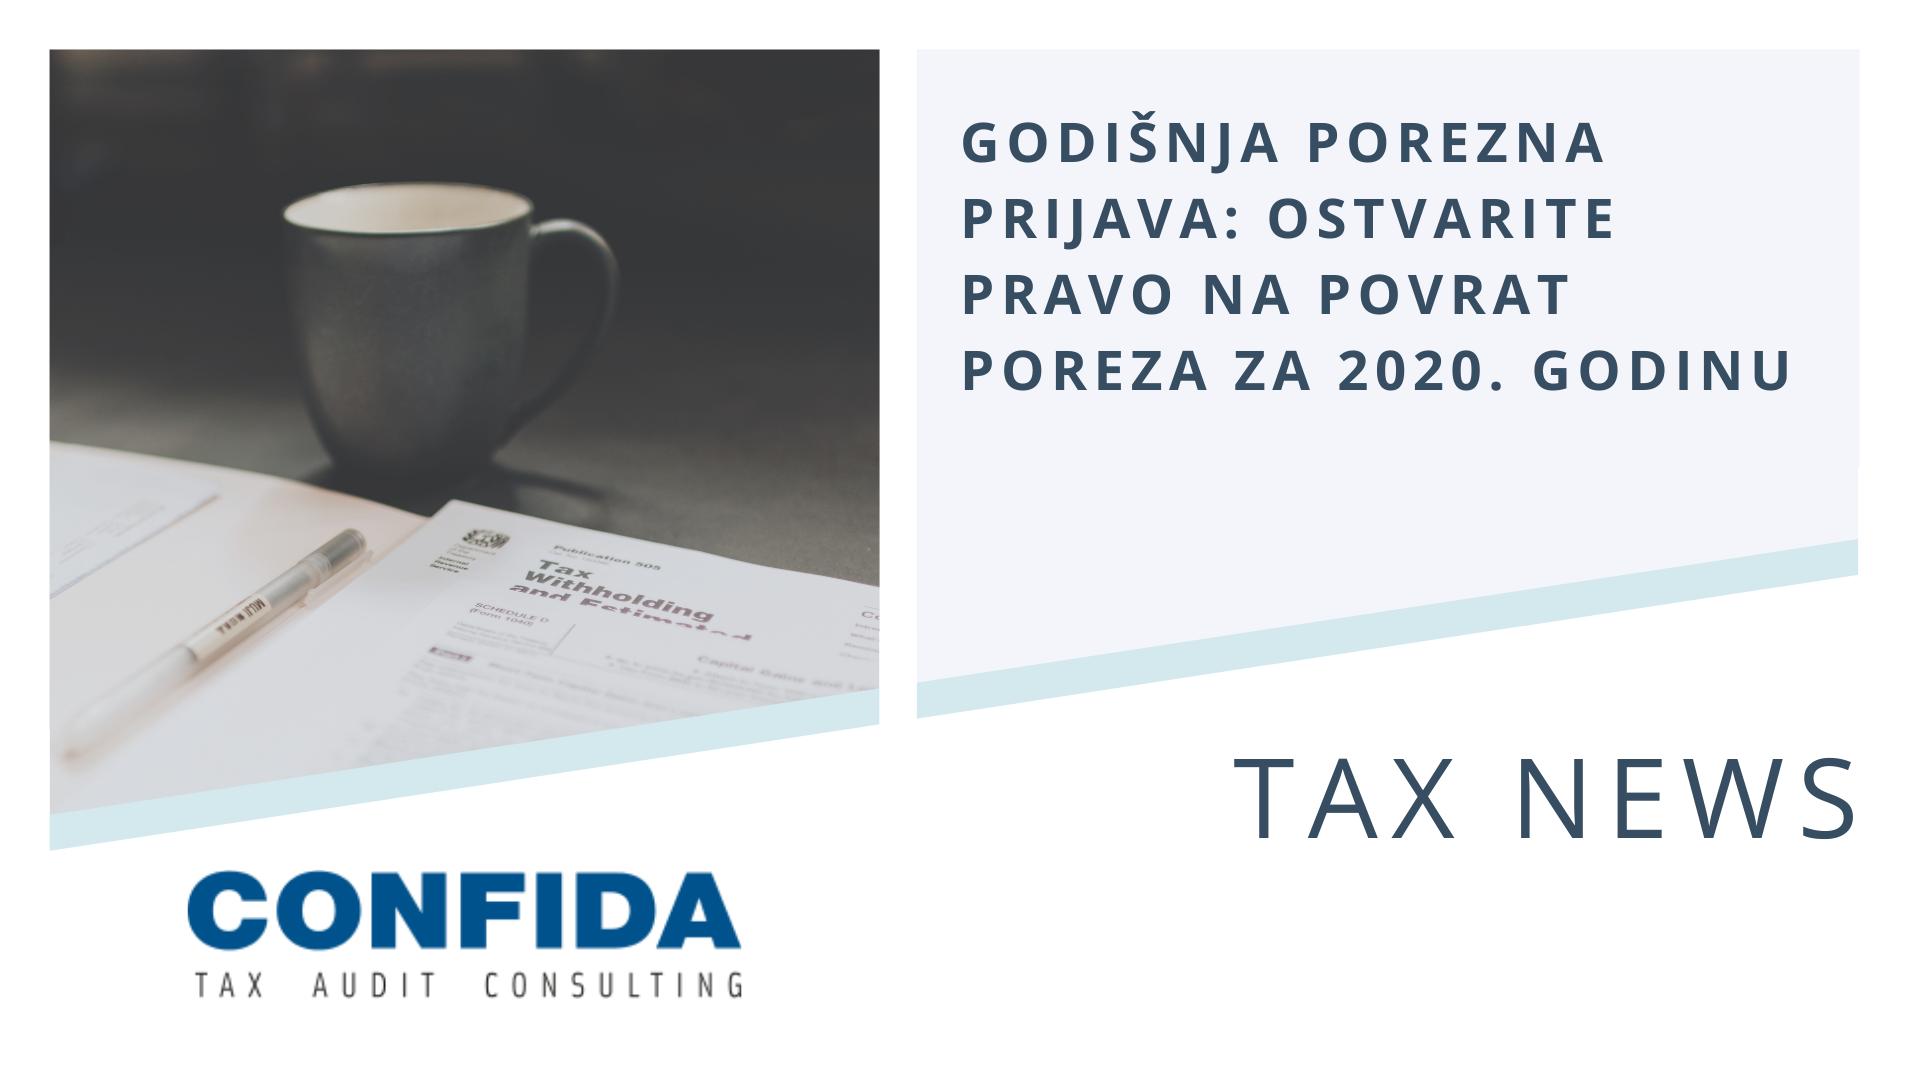 Godišnja porezna prijava 2021